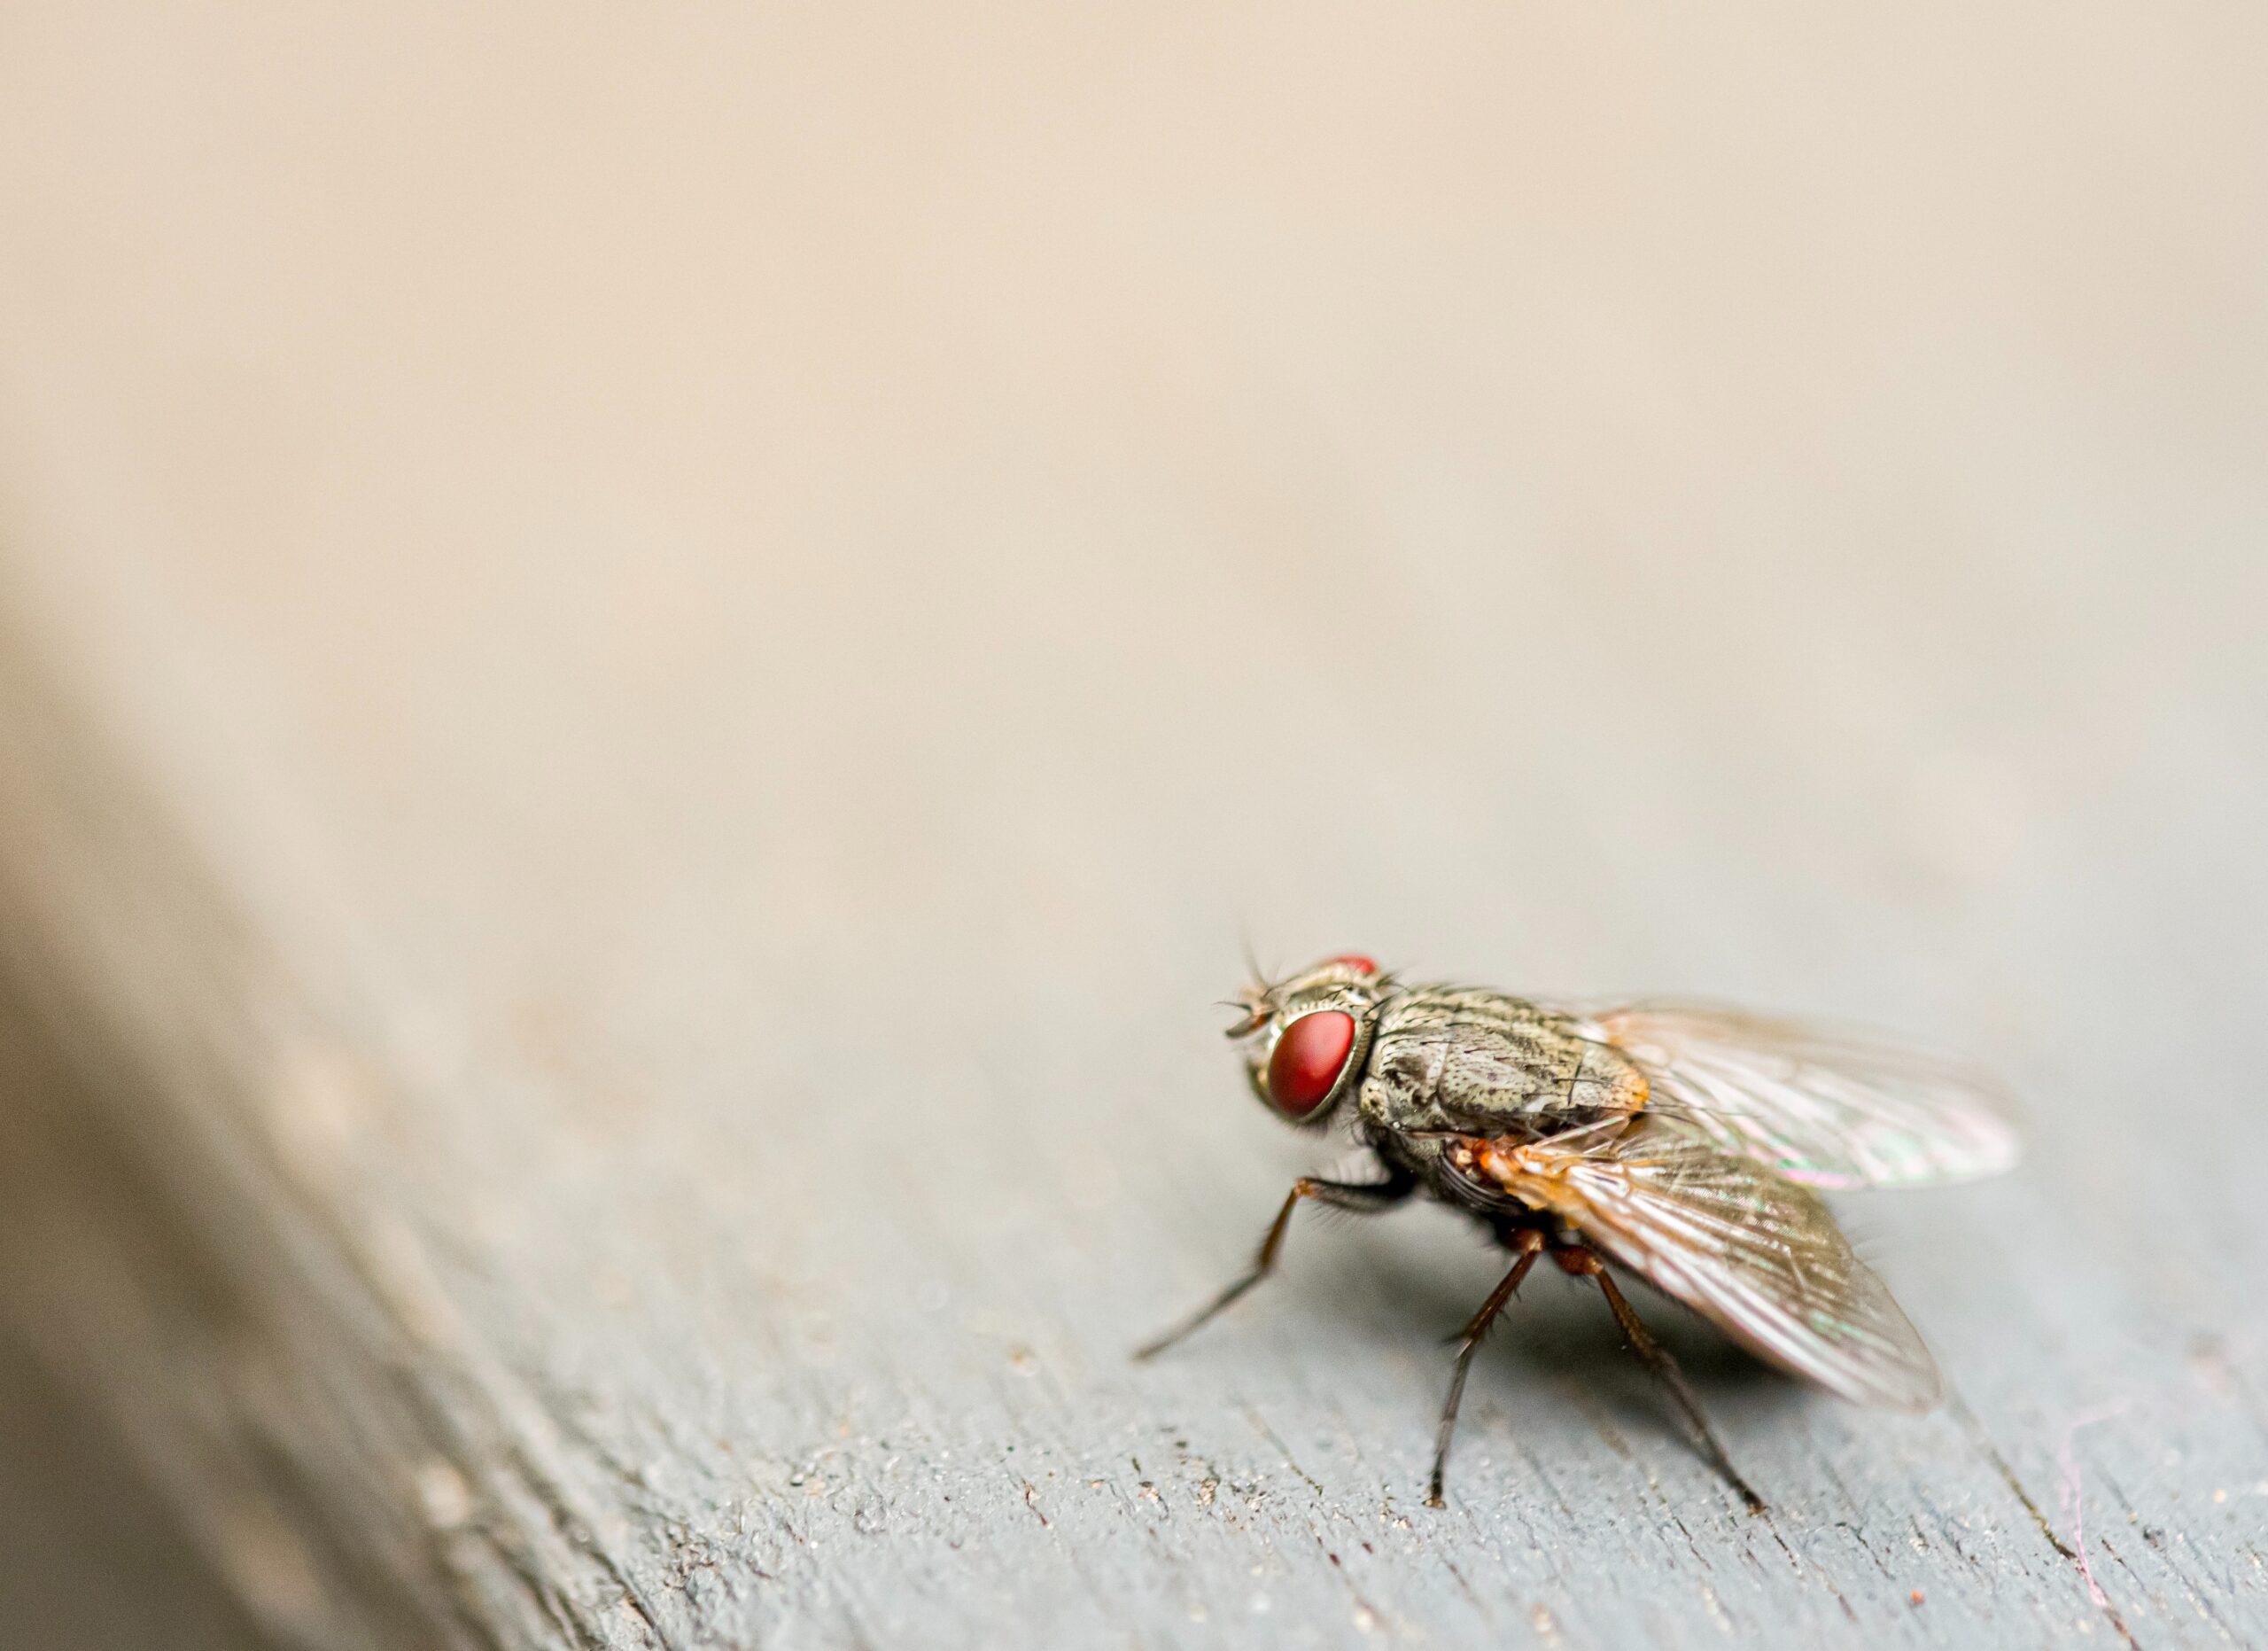 Σωστή Καταπολέμηση Μύγας Σε Επαγγελματικούς Και Οικιακούς Χώρους